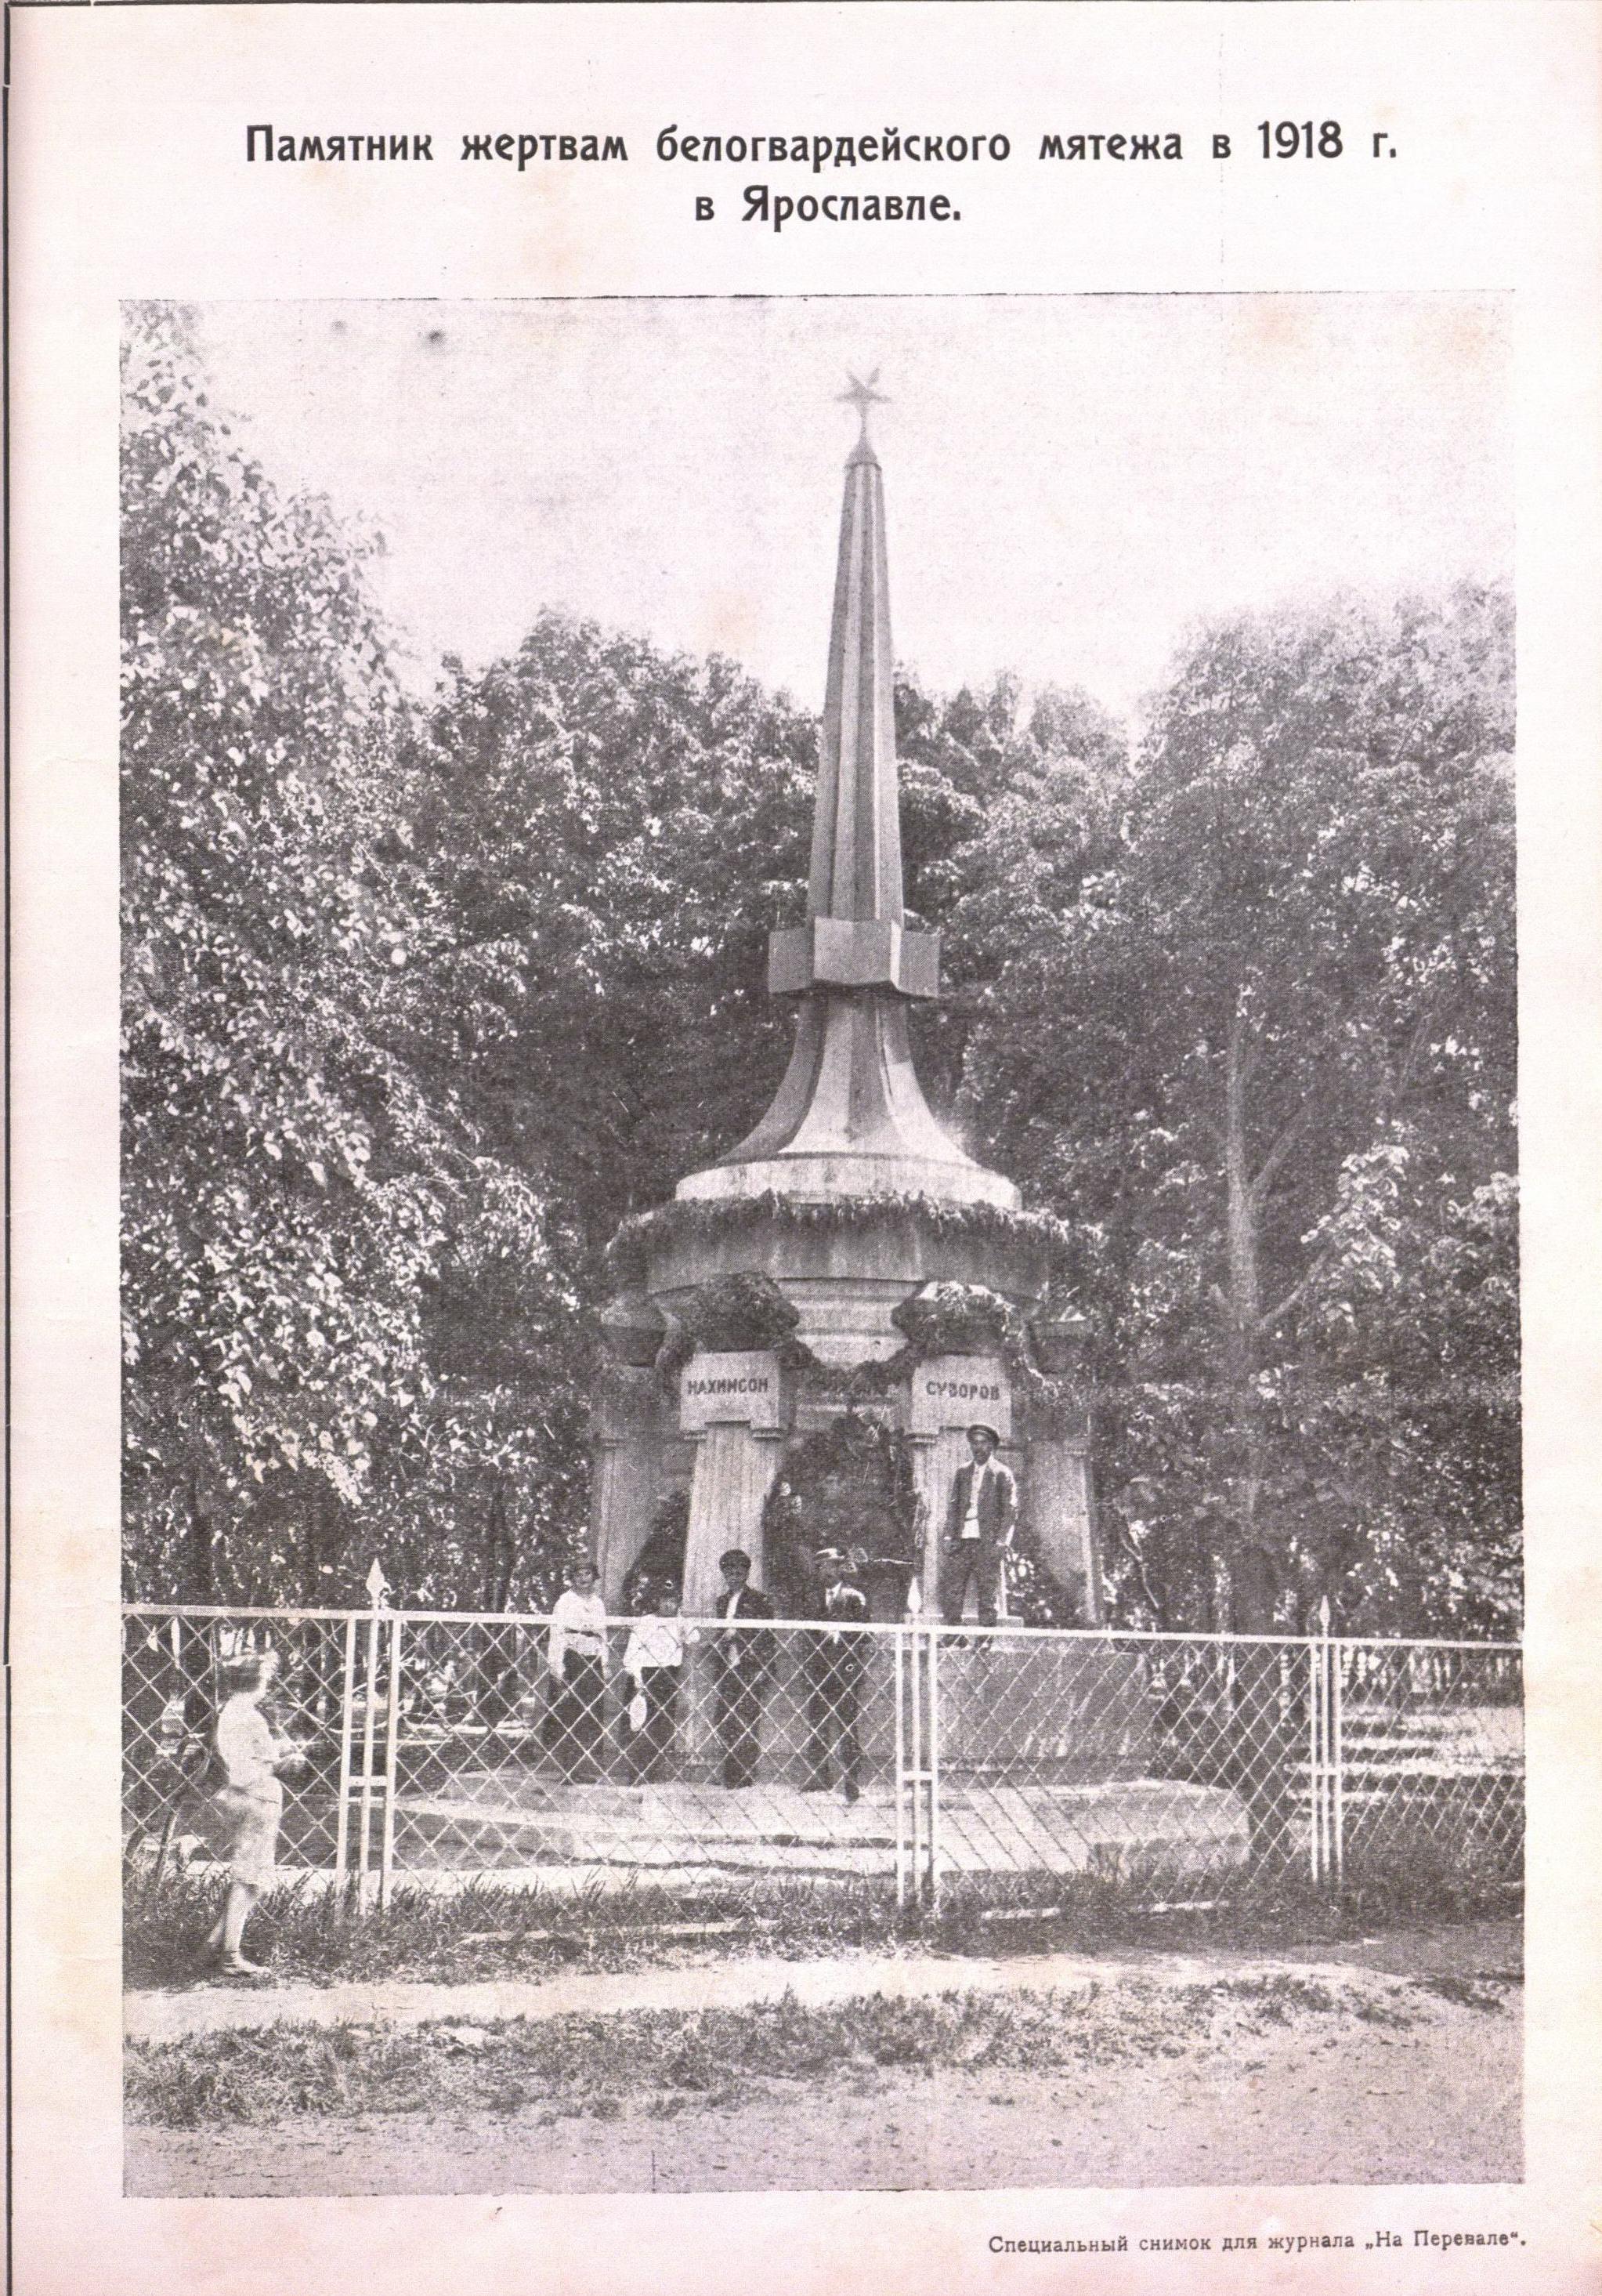 Памятник жертвам мятежа в Ярославле